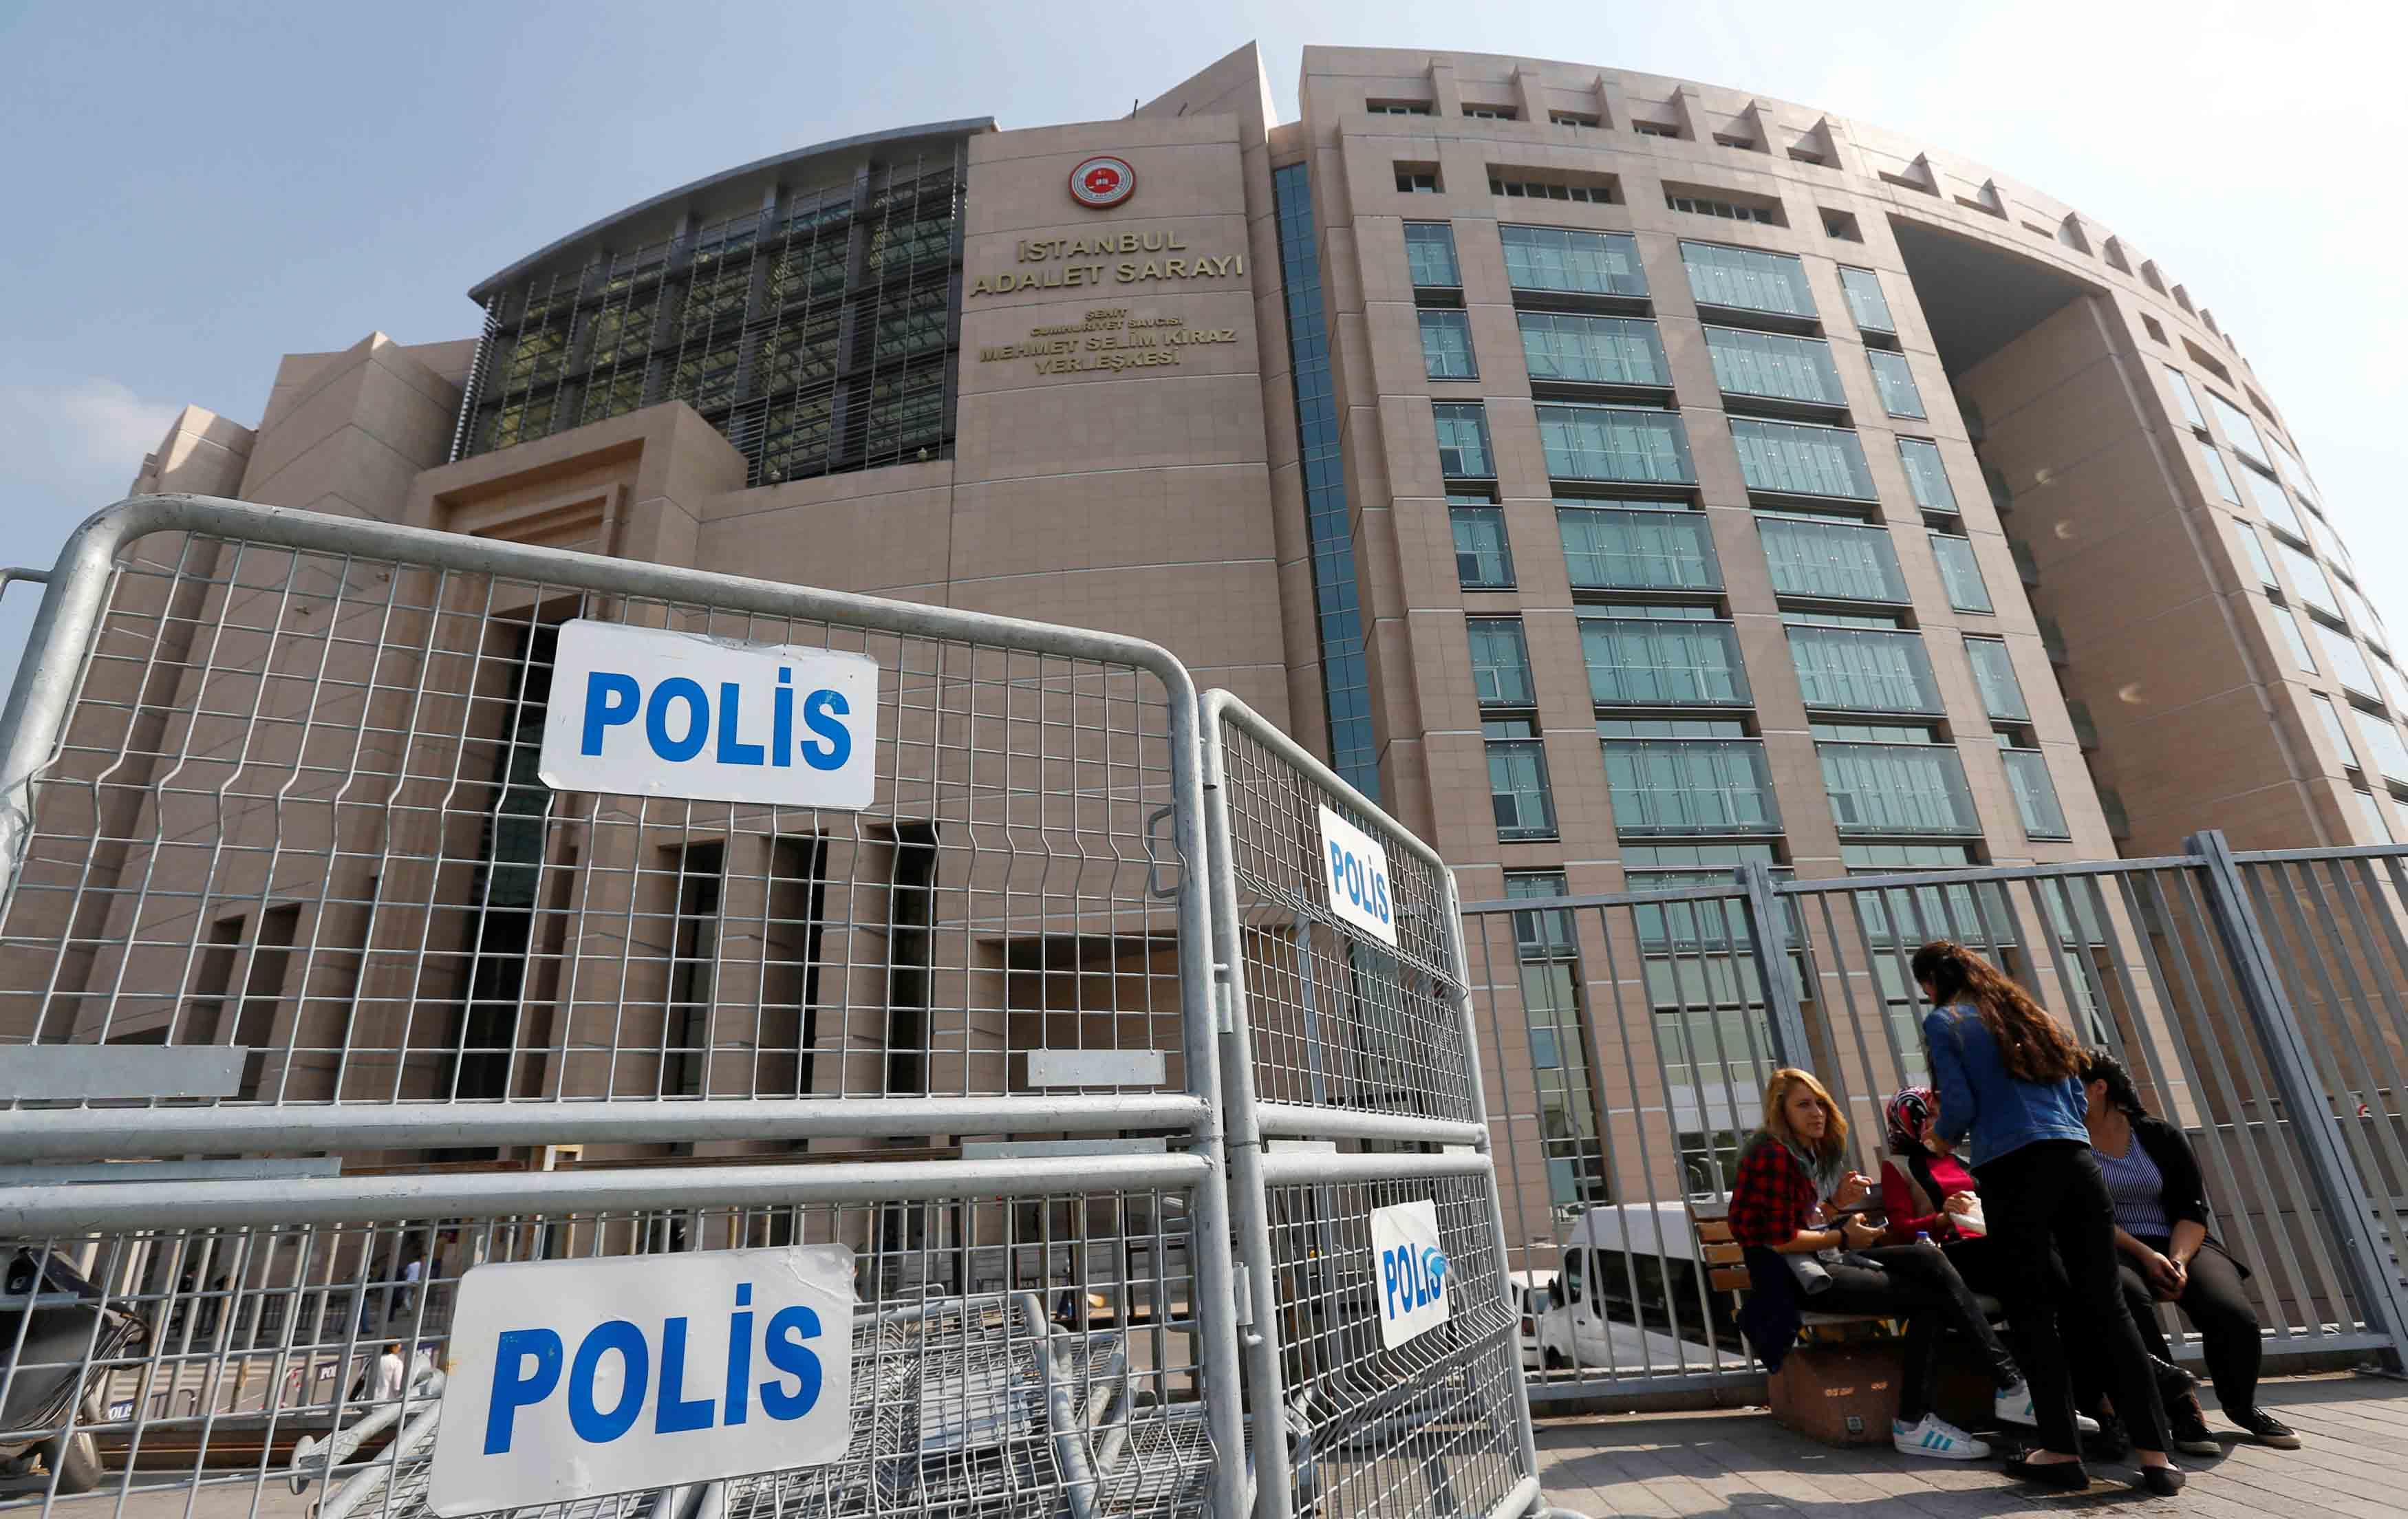 Desde el intento de golpe de estado, las autoridades han retirado de sus cargos a miles de funcionarios públicos sin importar el rango laboral